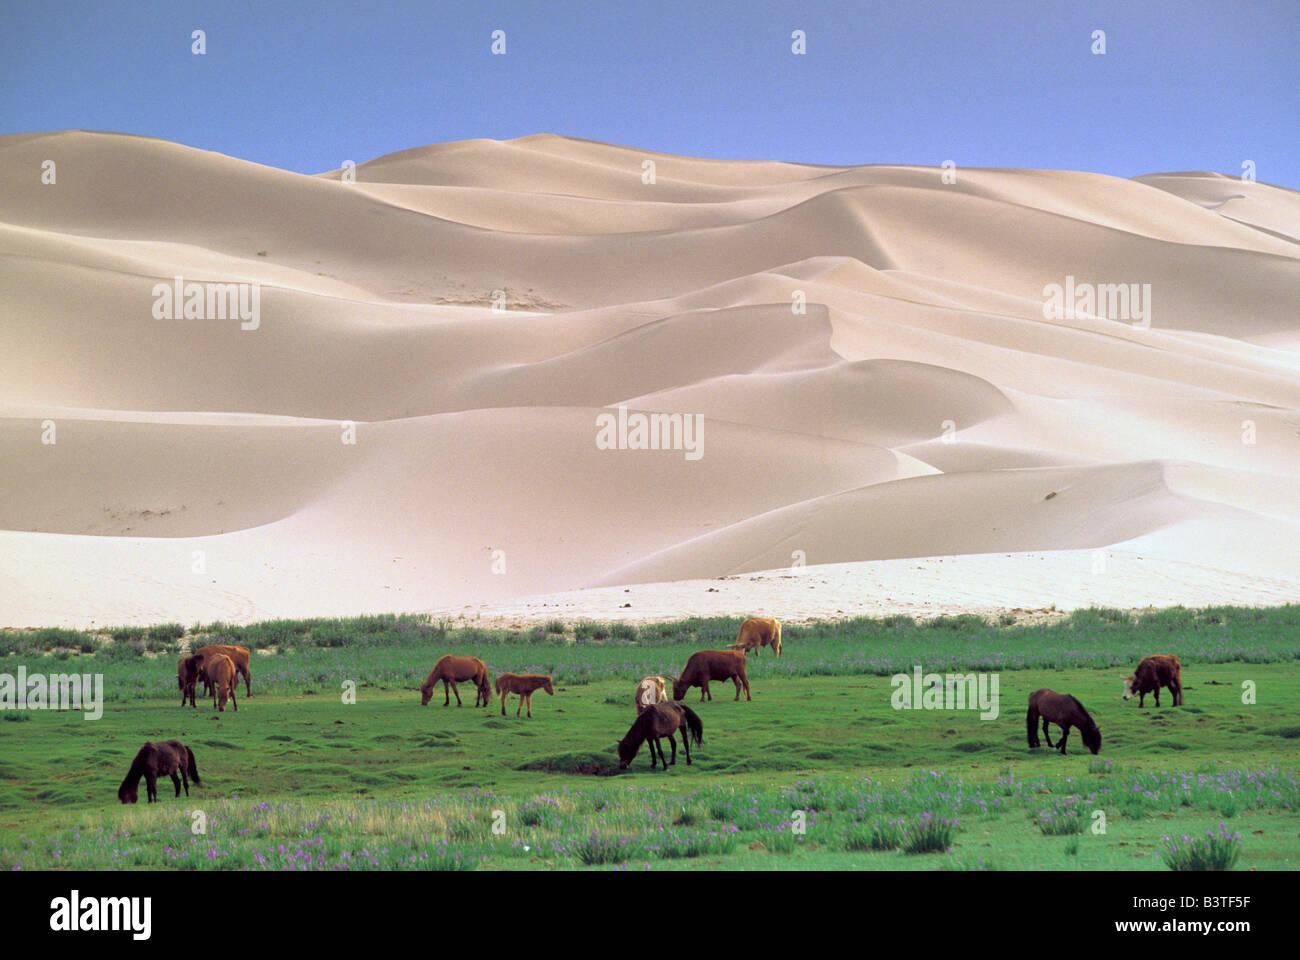 Asia, Mongolia, Gobi Desert. Wild horses. - Stock Image